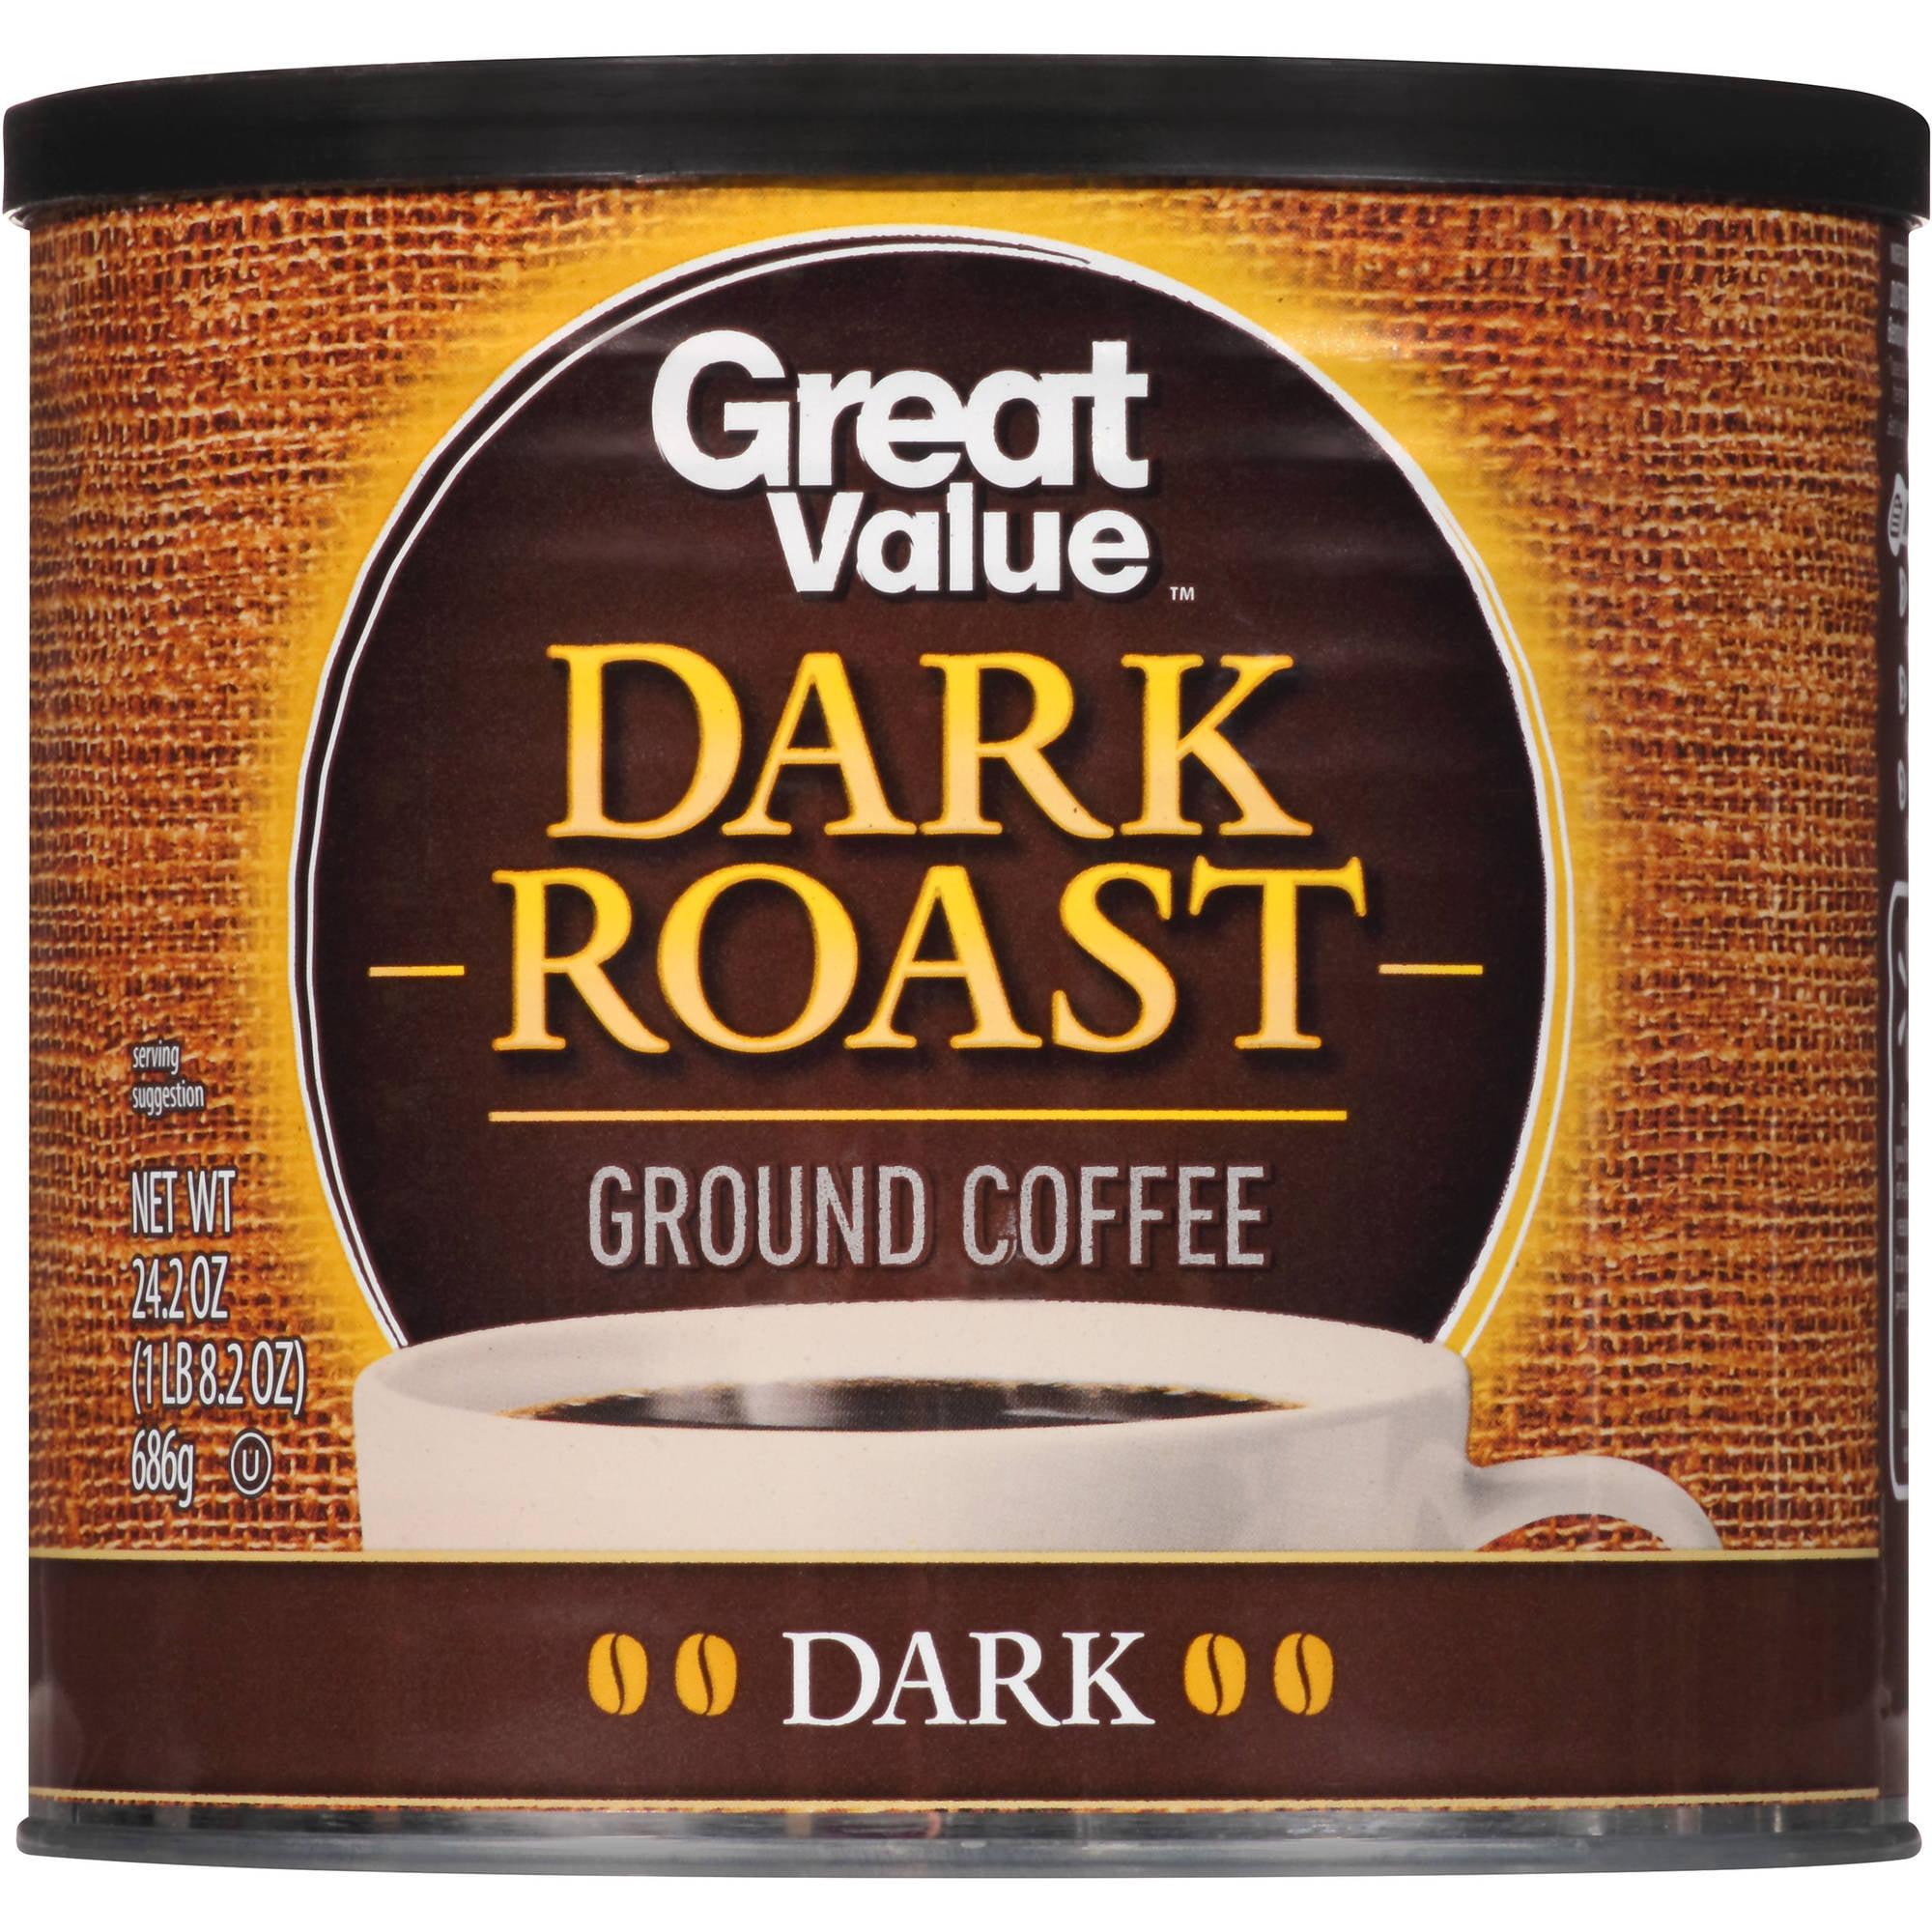 Great Value Dark Roast Dark Ground Coffee, 24.2 oz